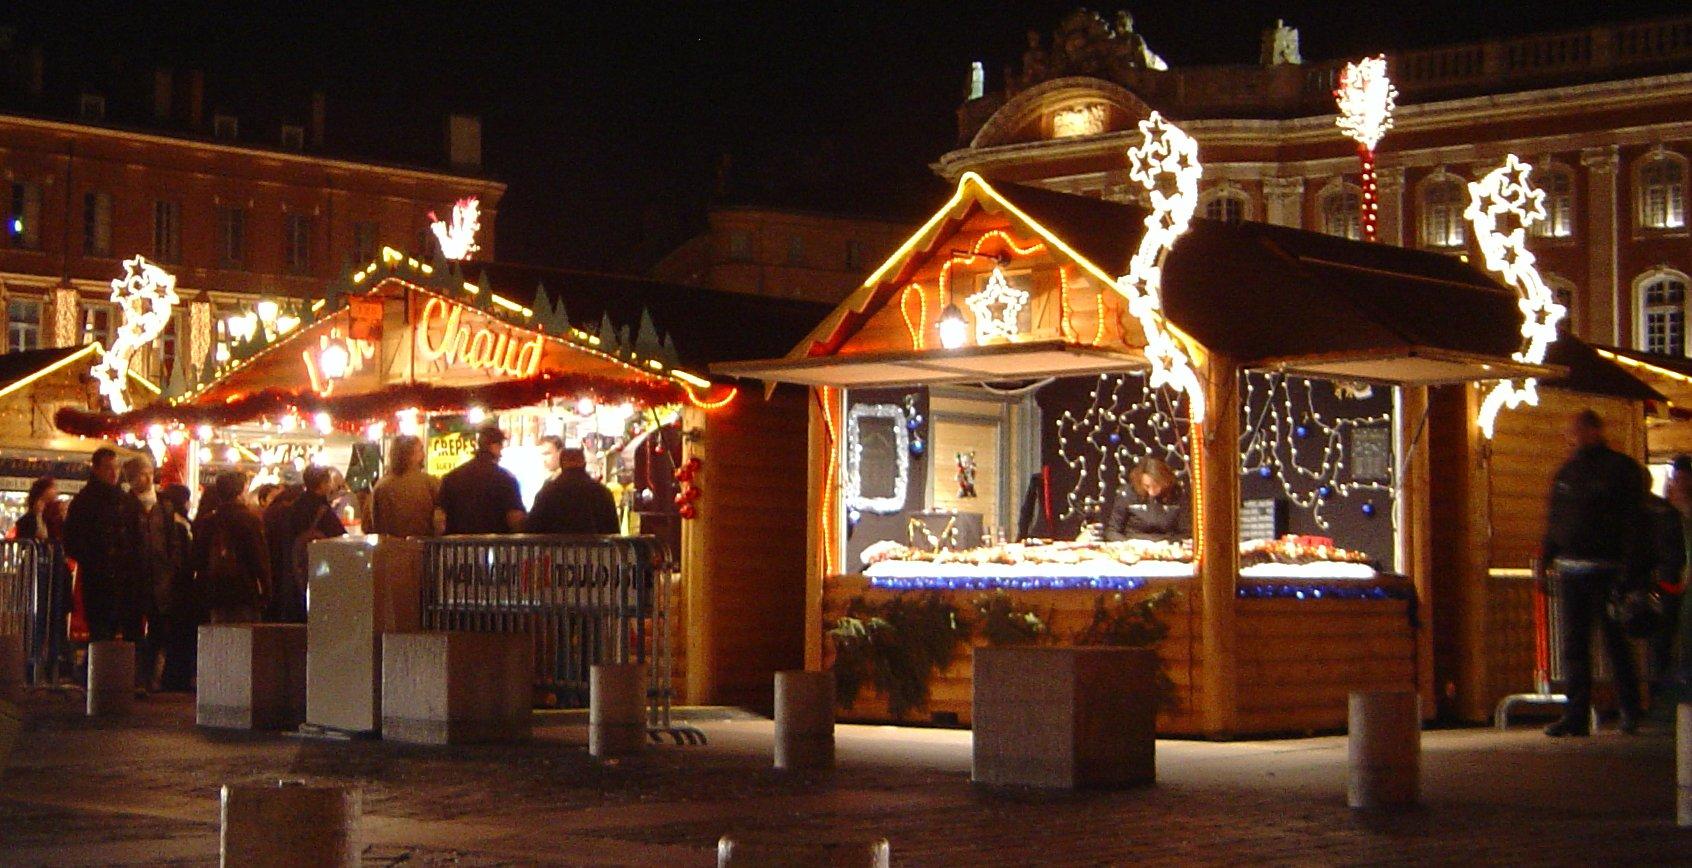 Mercatini di Natale e Street Food in piazza Garibaldi